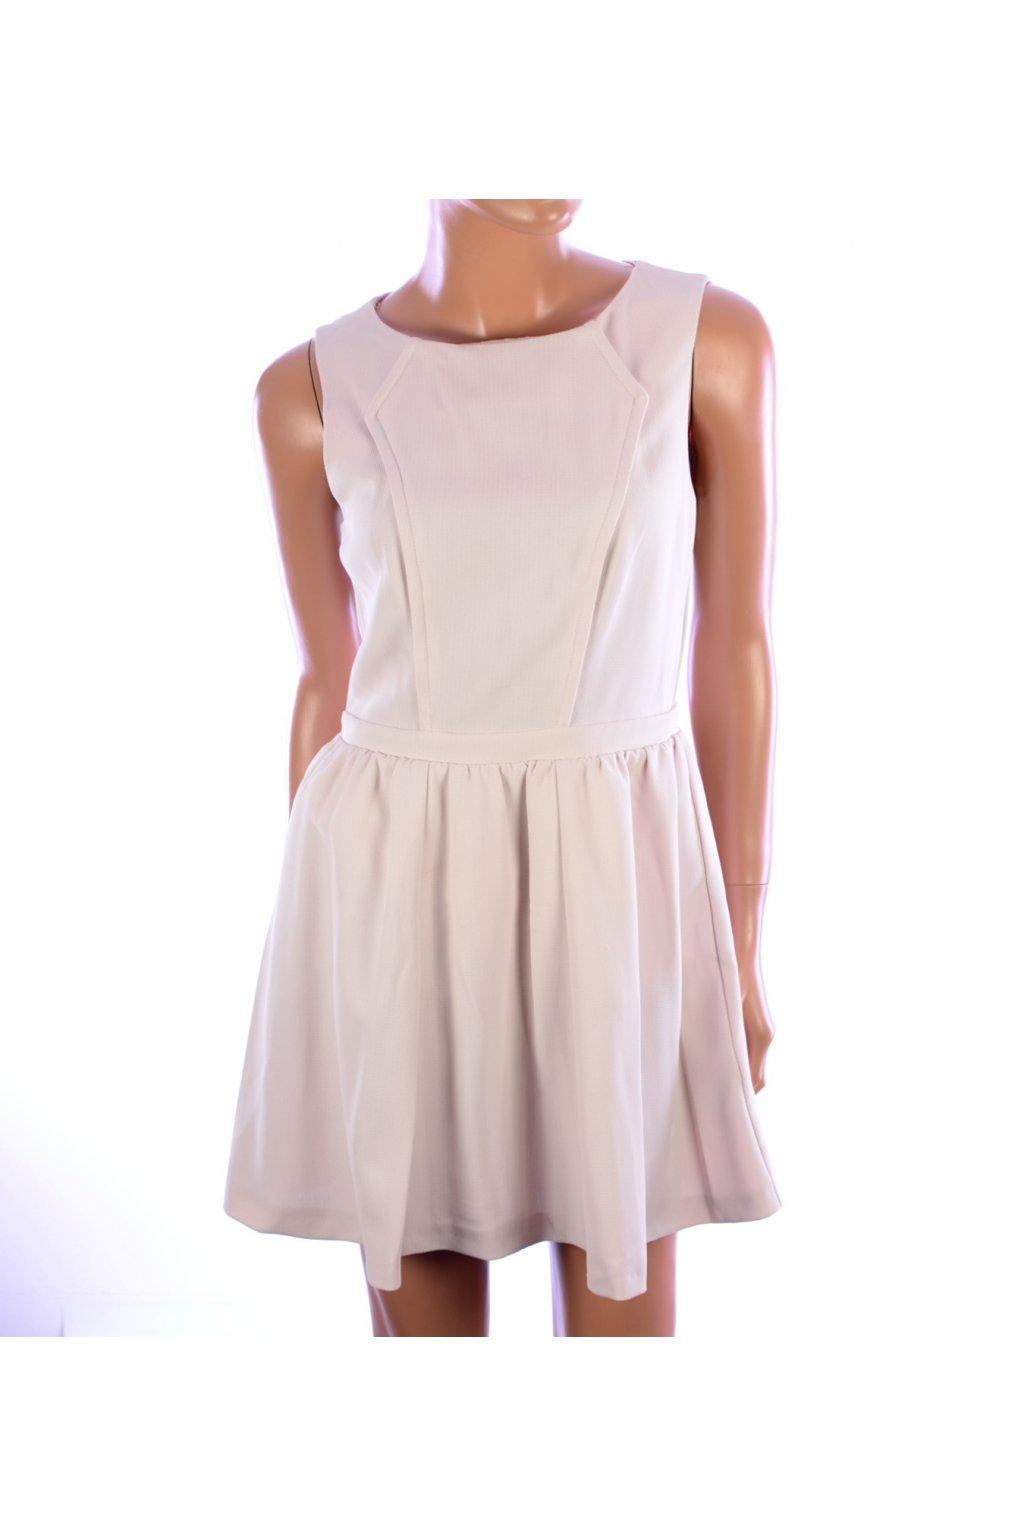 Šaty světle růžové Topshop vel. 38 / uk 10 / S